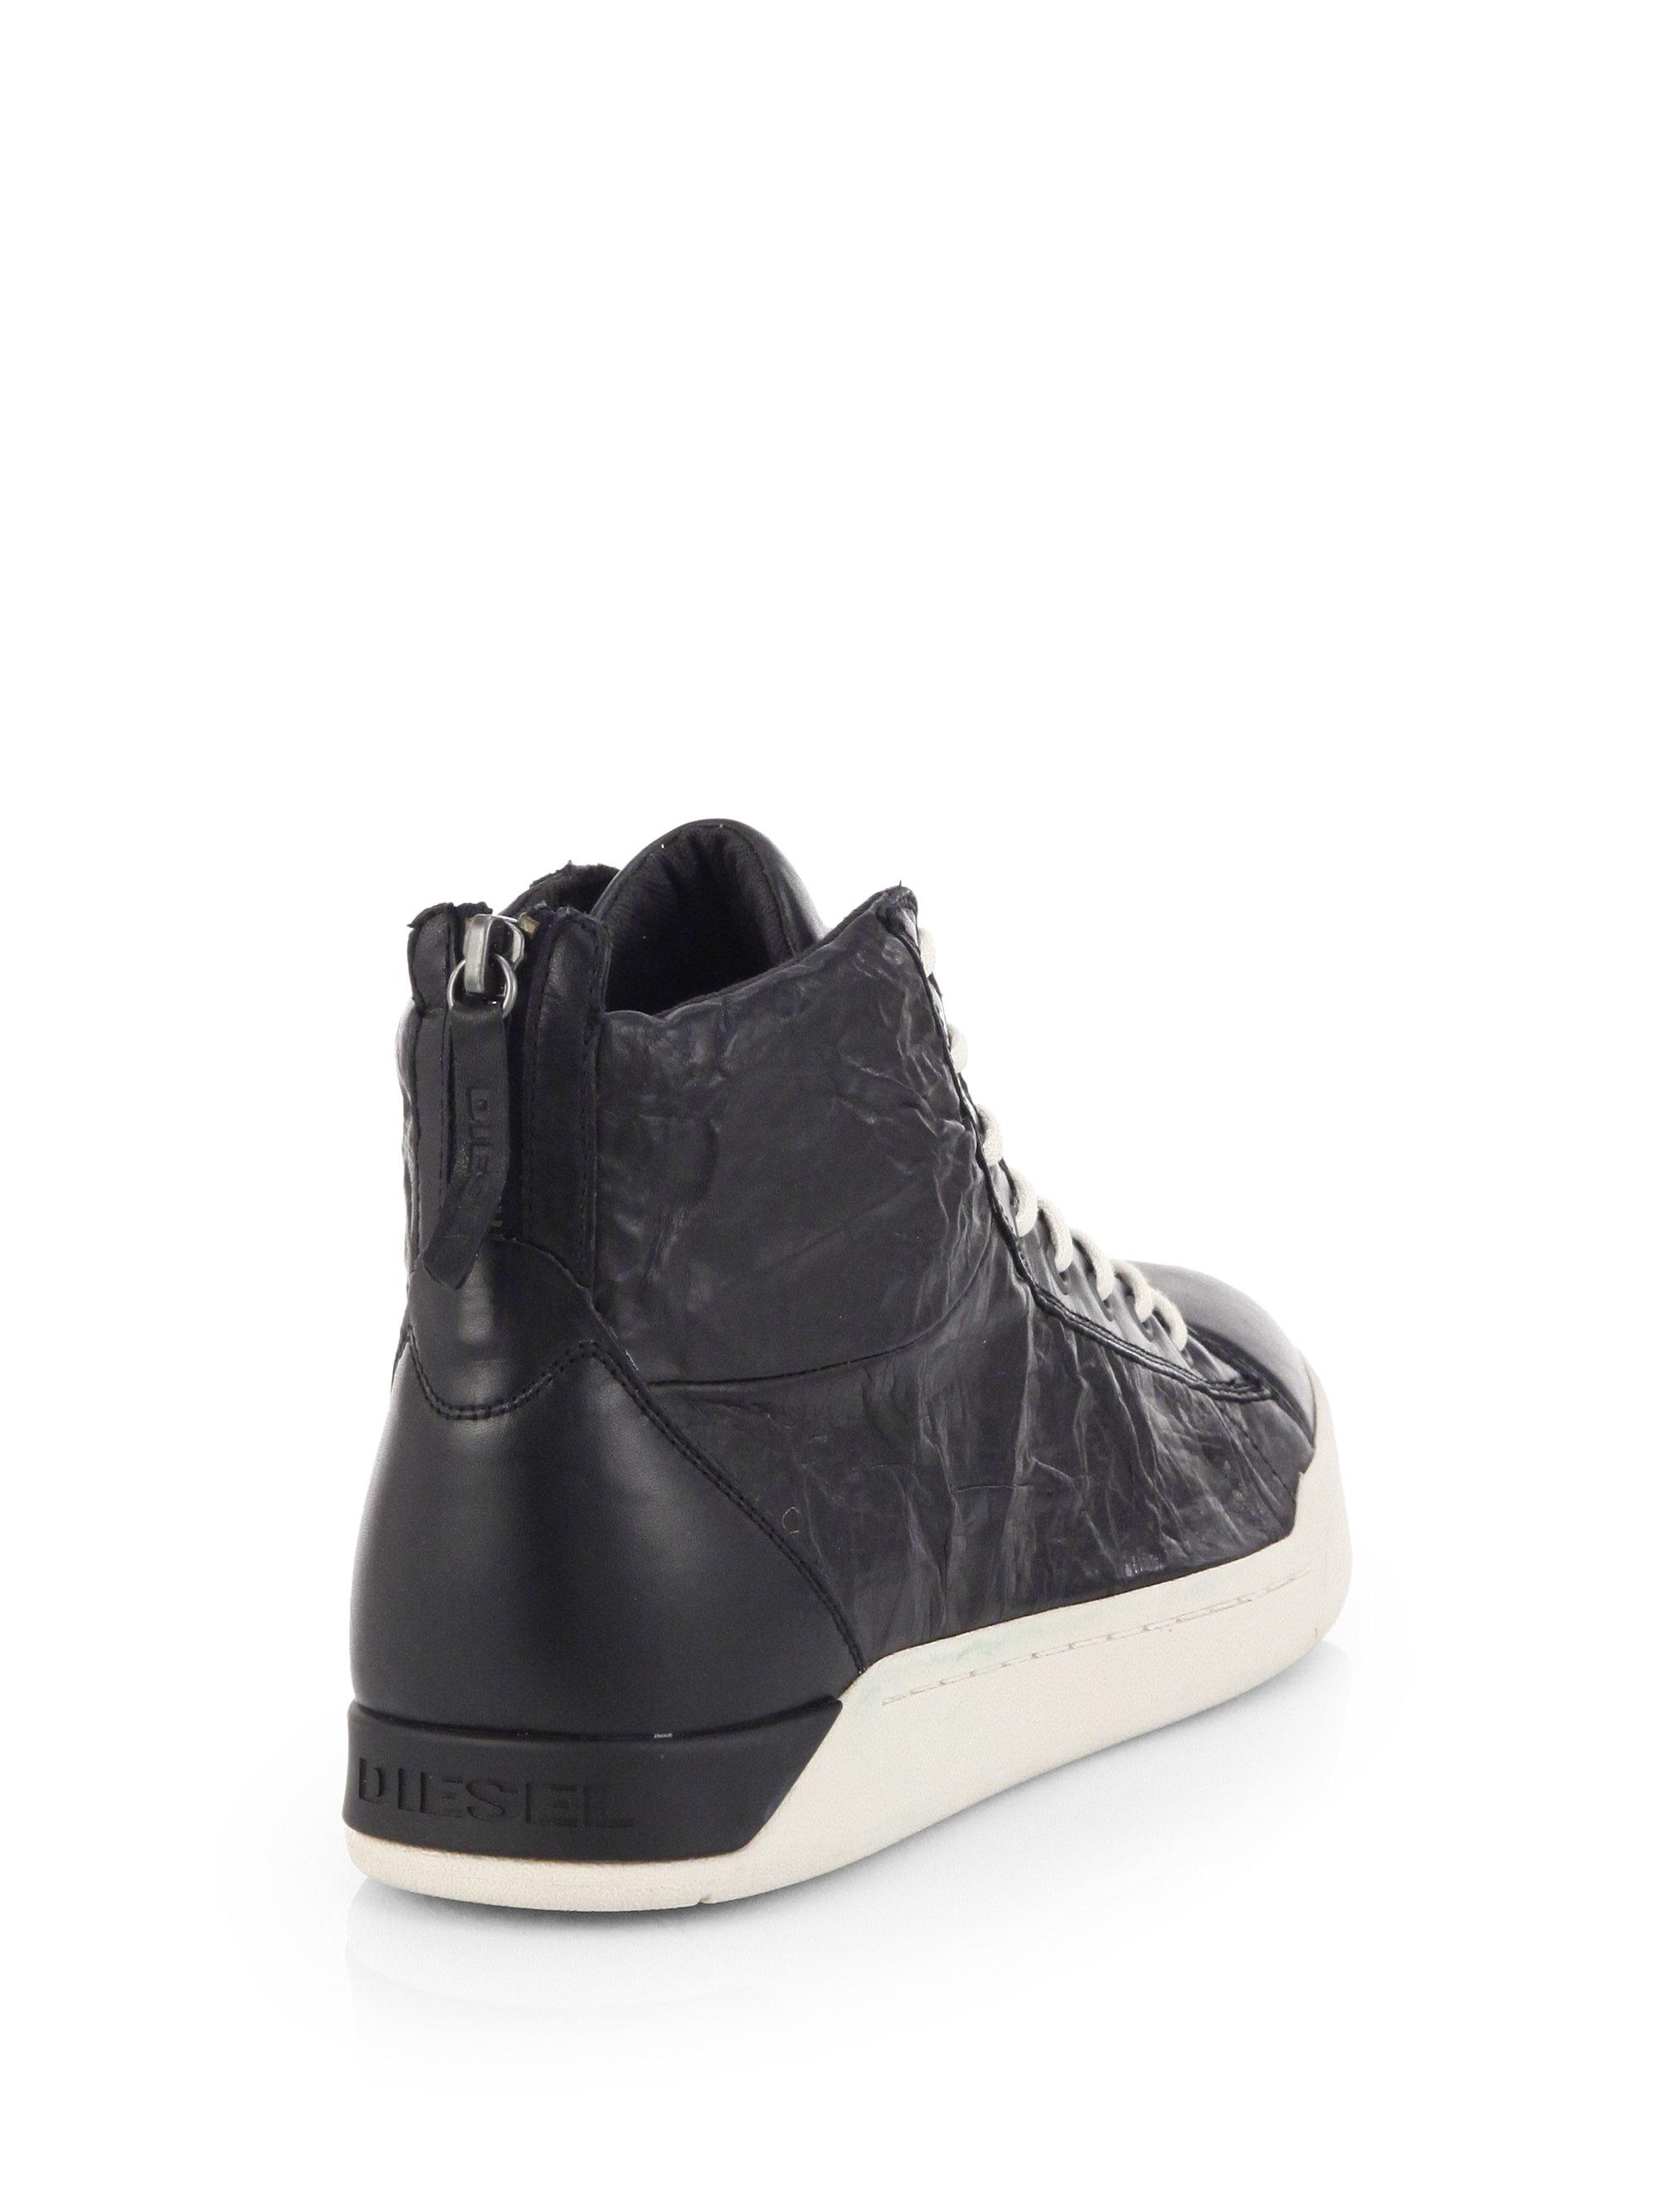 Diesel Tempus Leather High-Top Sneakers wVA3ao3